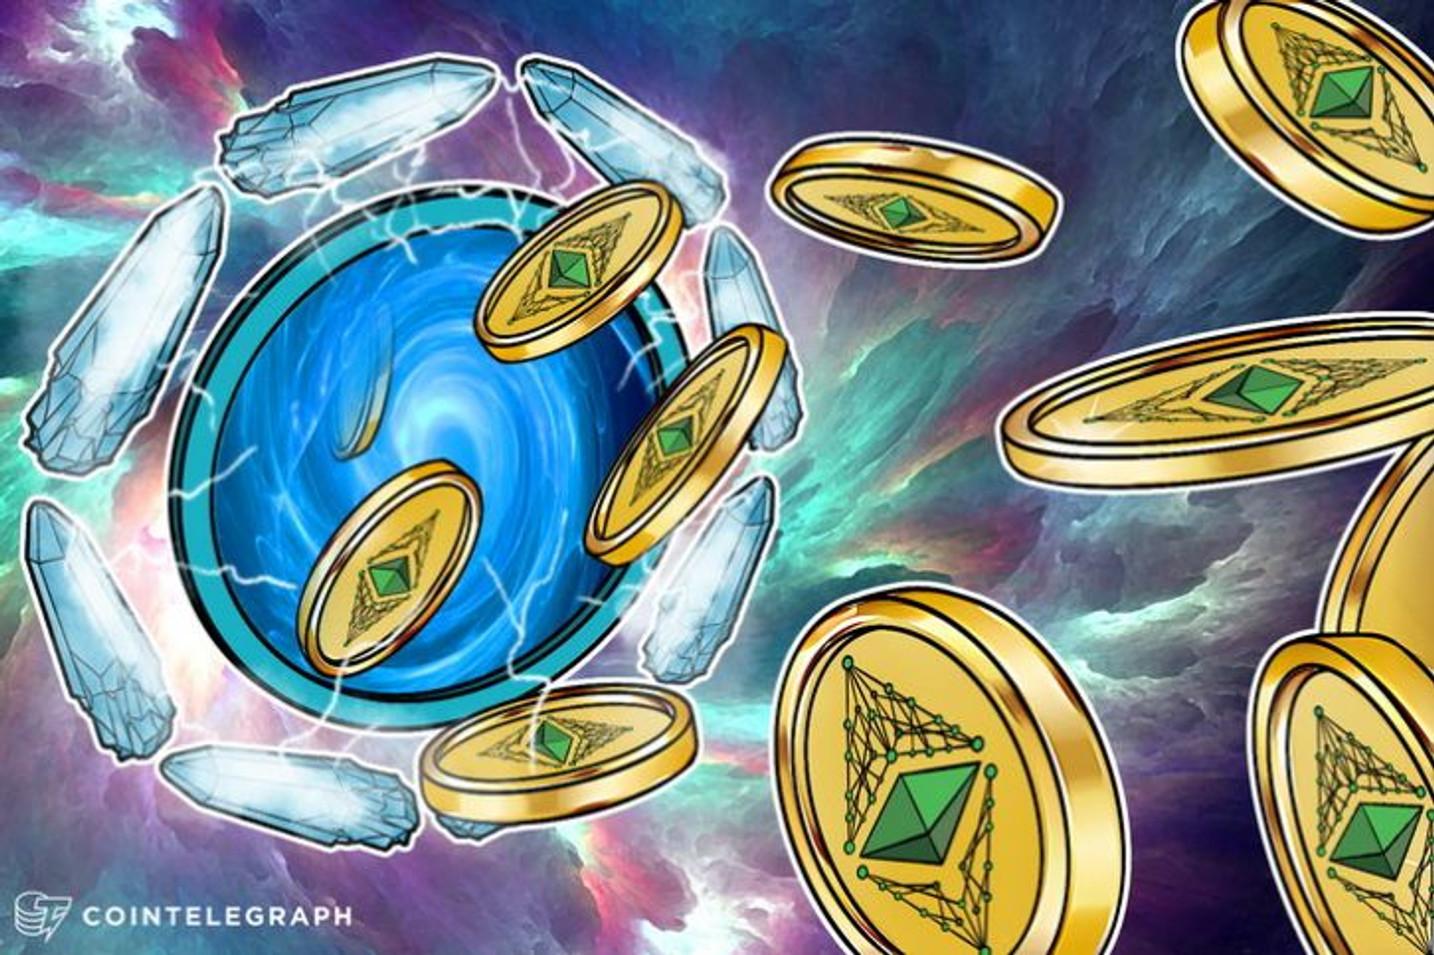 韓国最大のビットコイン取引所がイーサリアム・クラシックによる取引を開始―手数料は無料